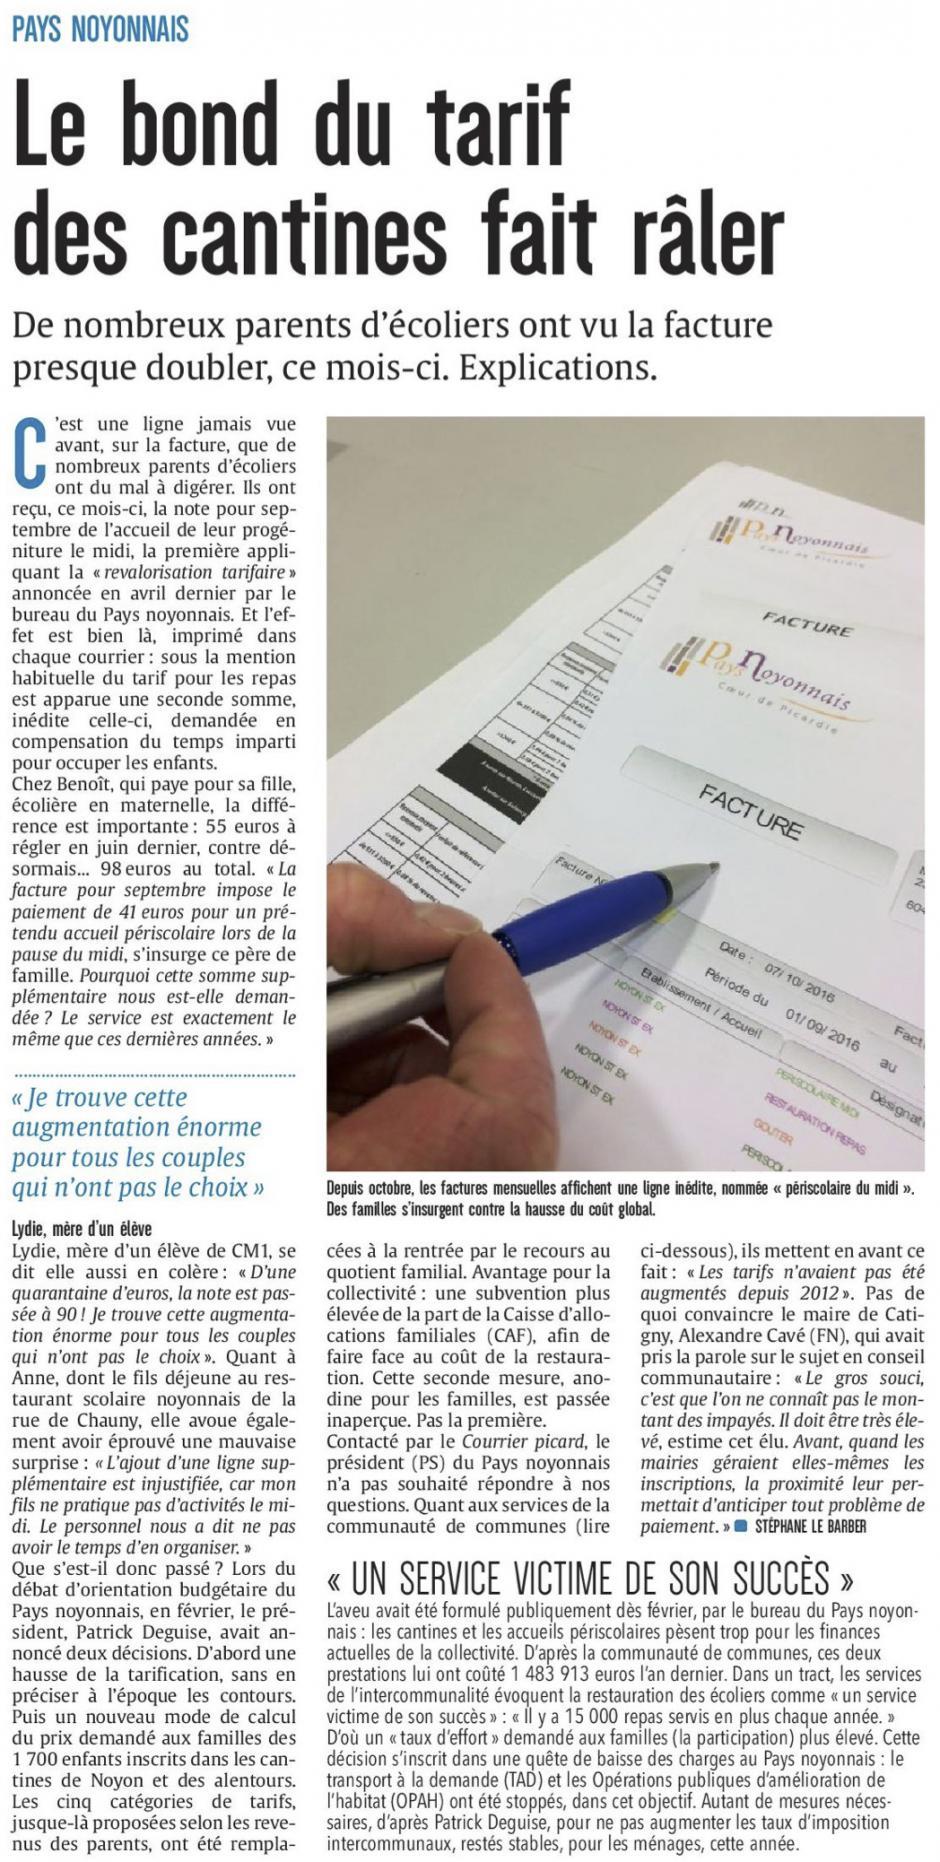 20161026-CP-Noyonnais-Le bond du tarif des cantines fait râler